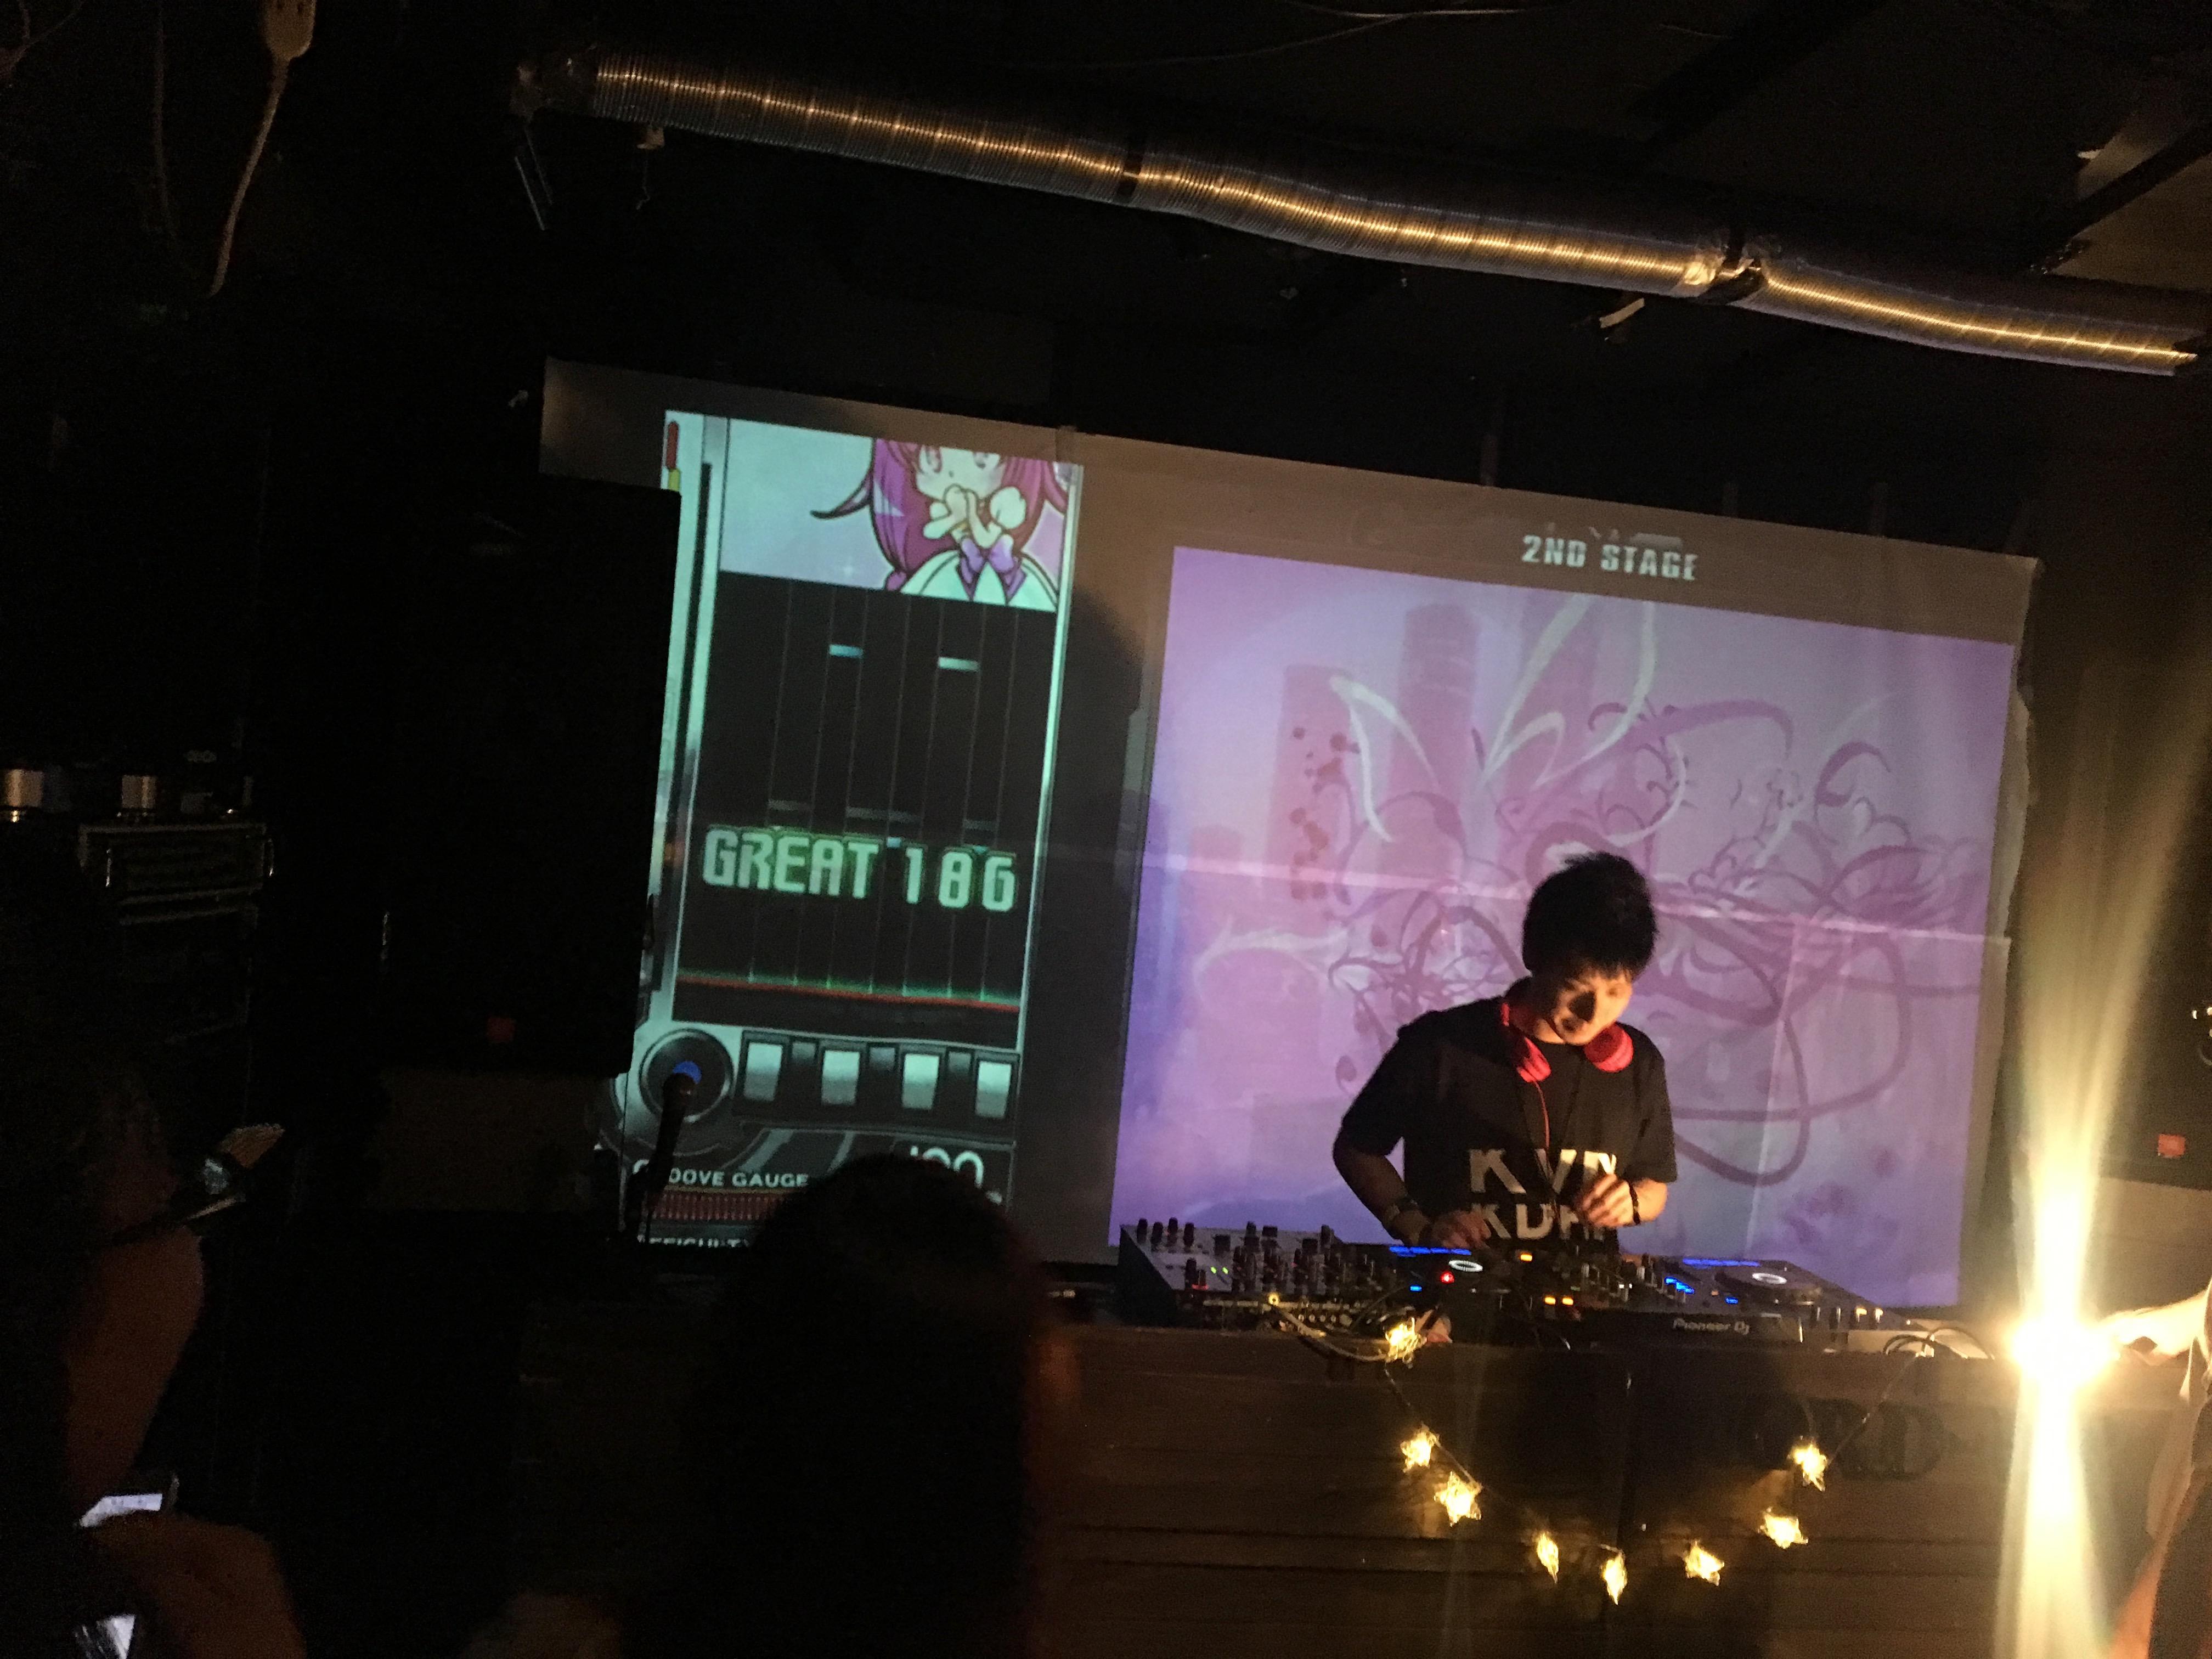 鹿児島の音ゲークラブイベント「ミラクルミーツ!!」に行ってみたよ